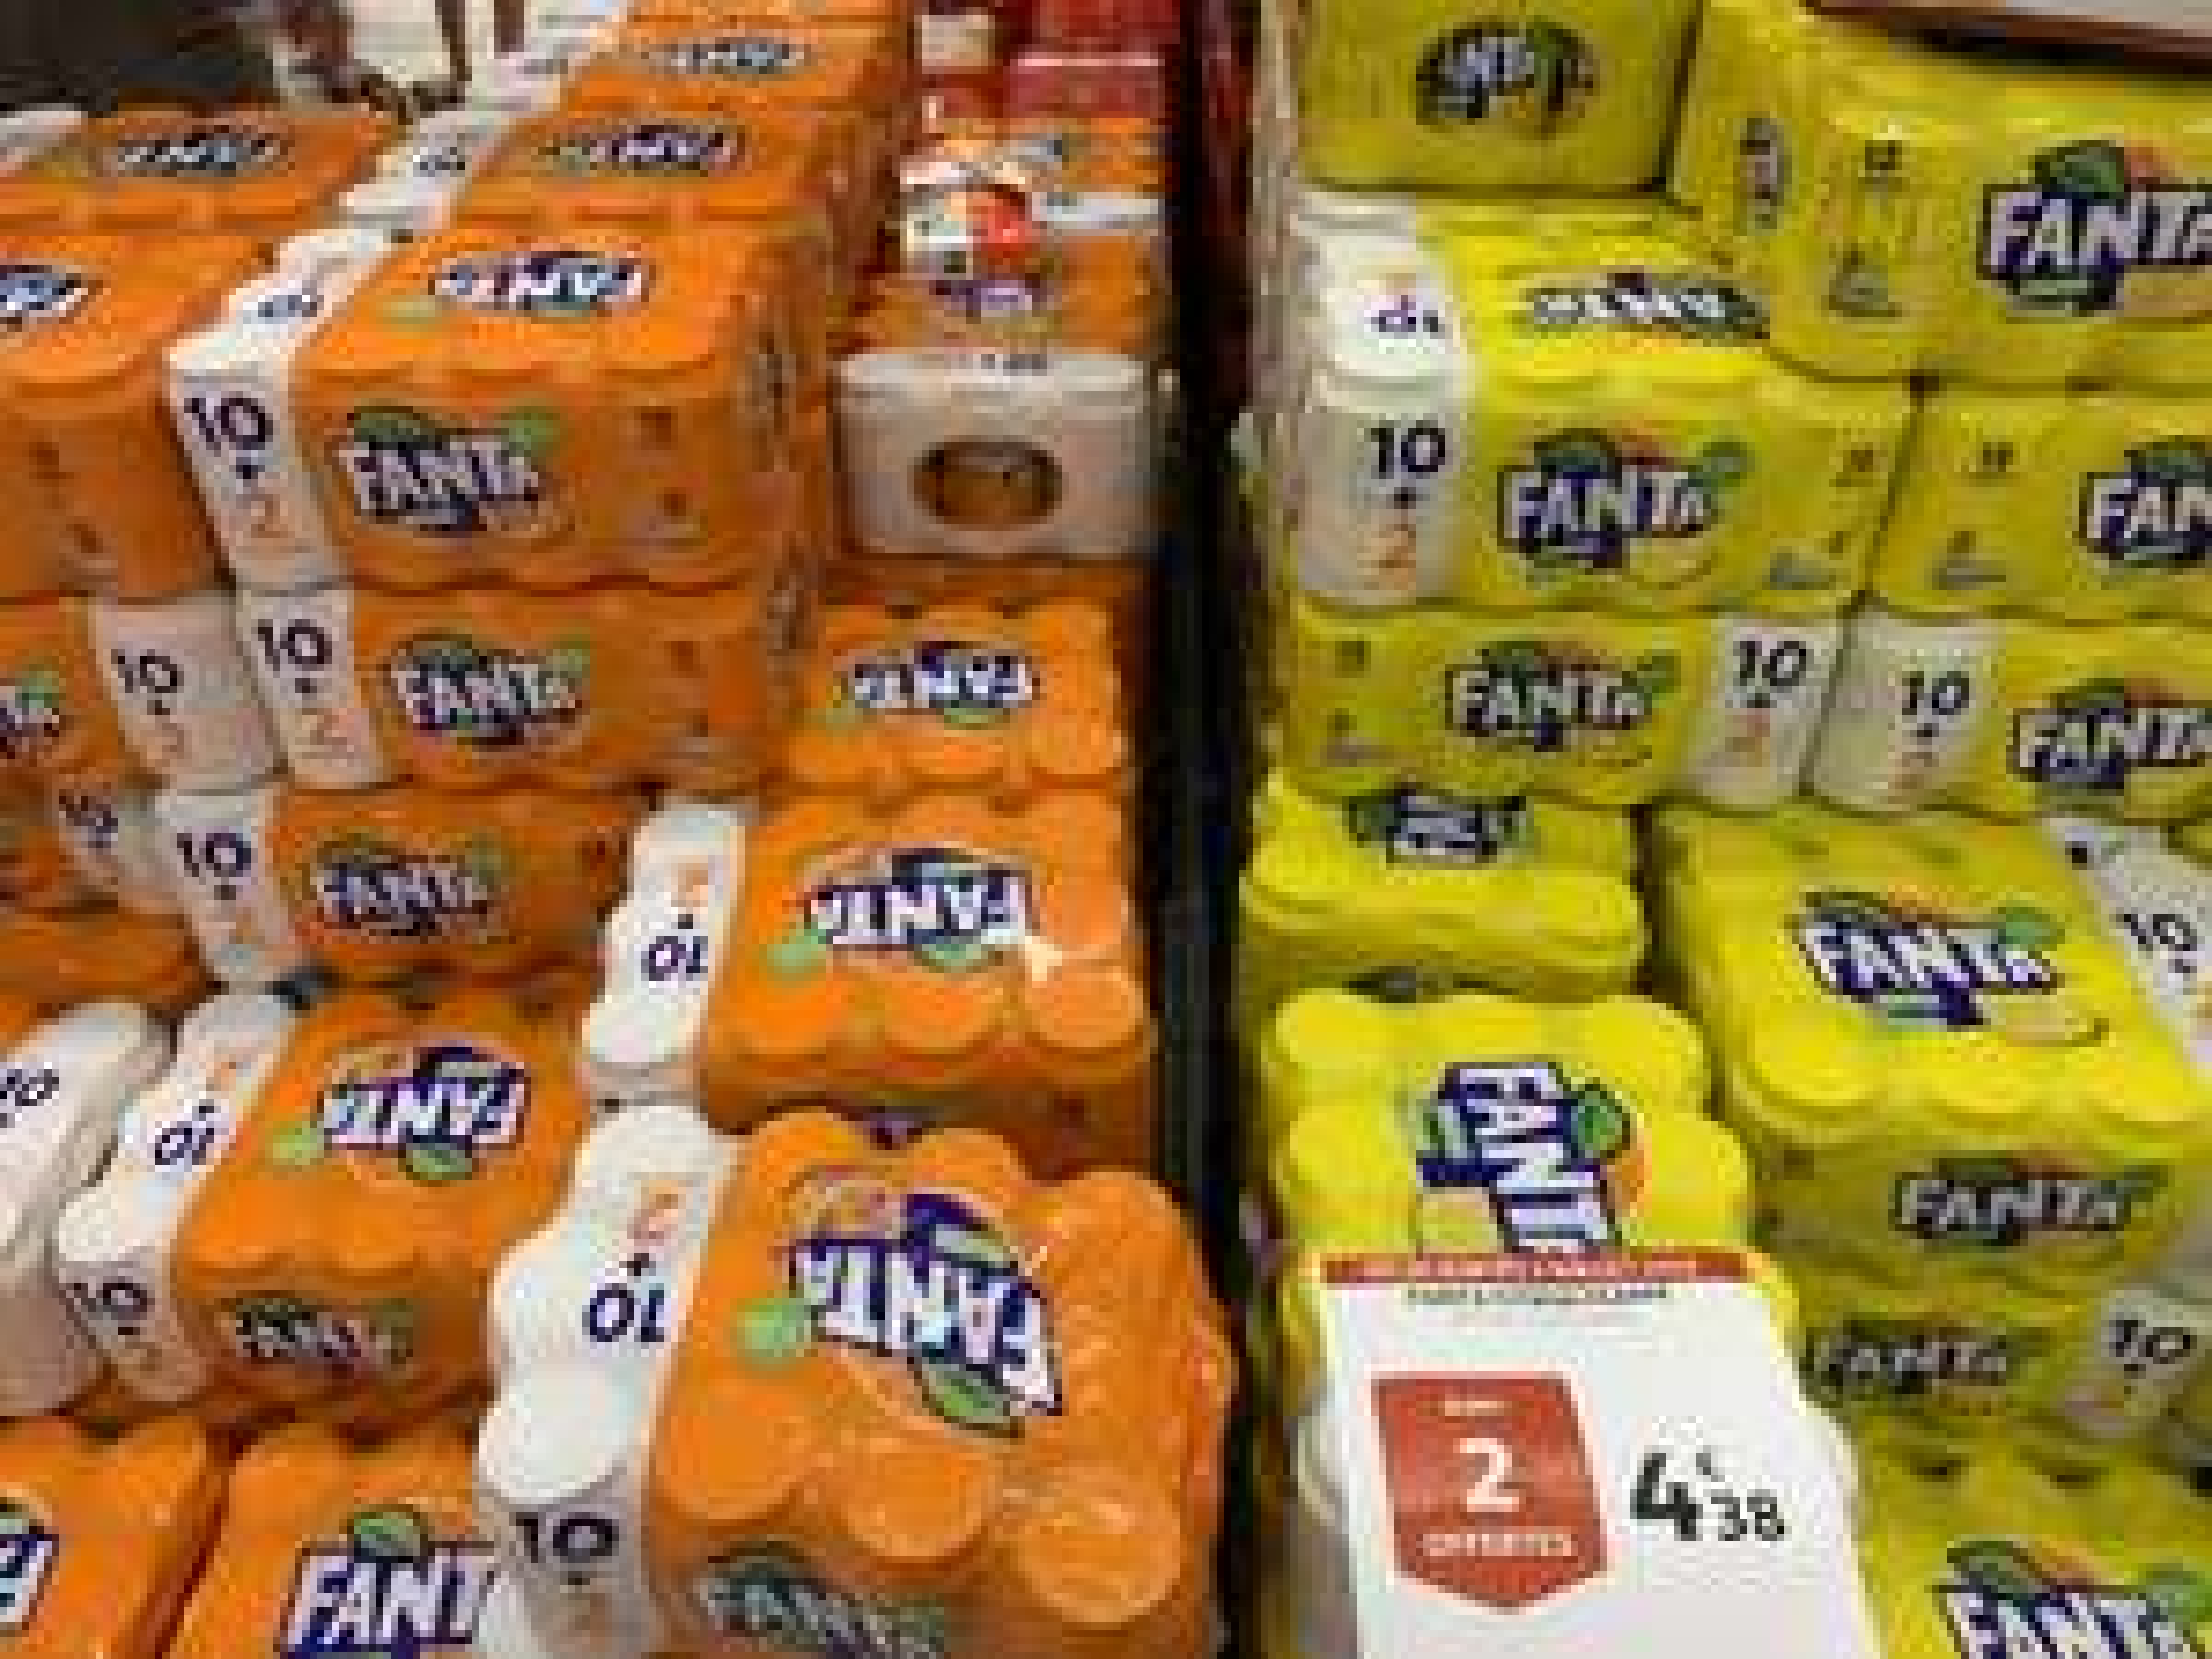 Lot de 12 canettes de Fanta - Citron/Orange, Auchan Sarcelles (95)